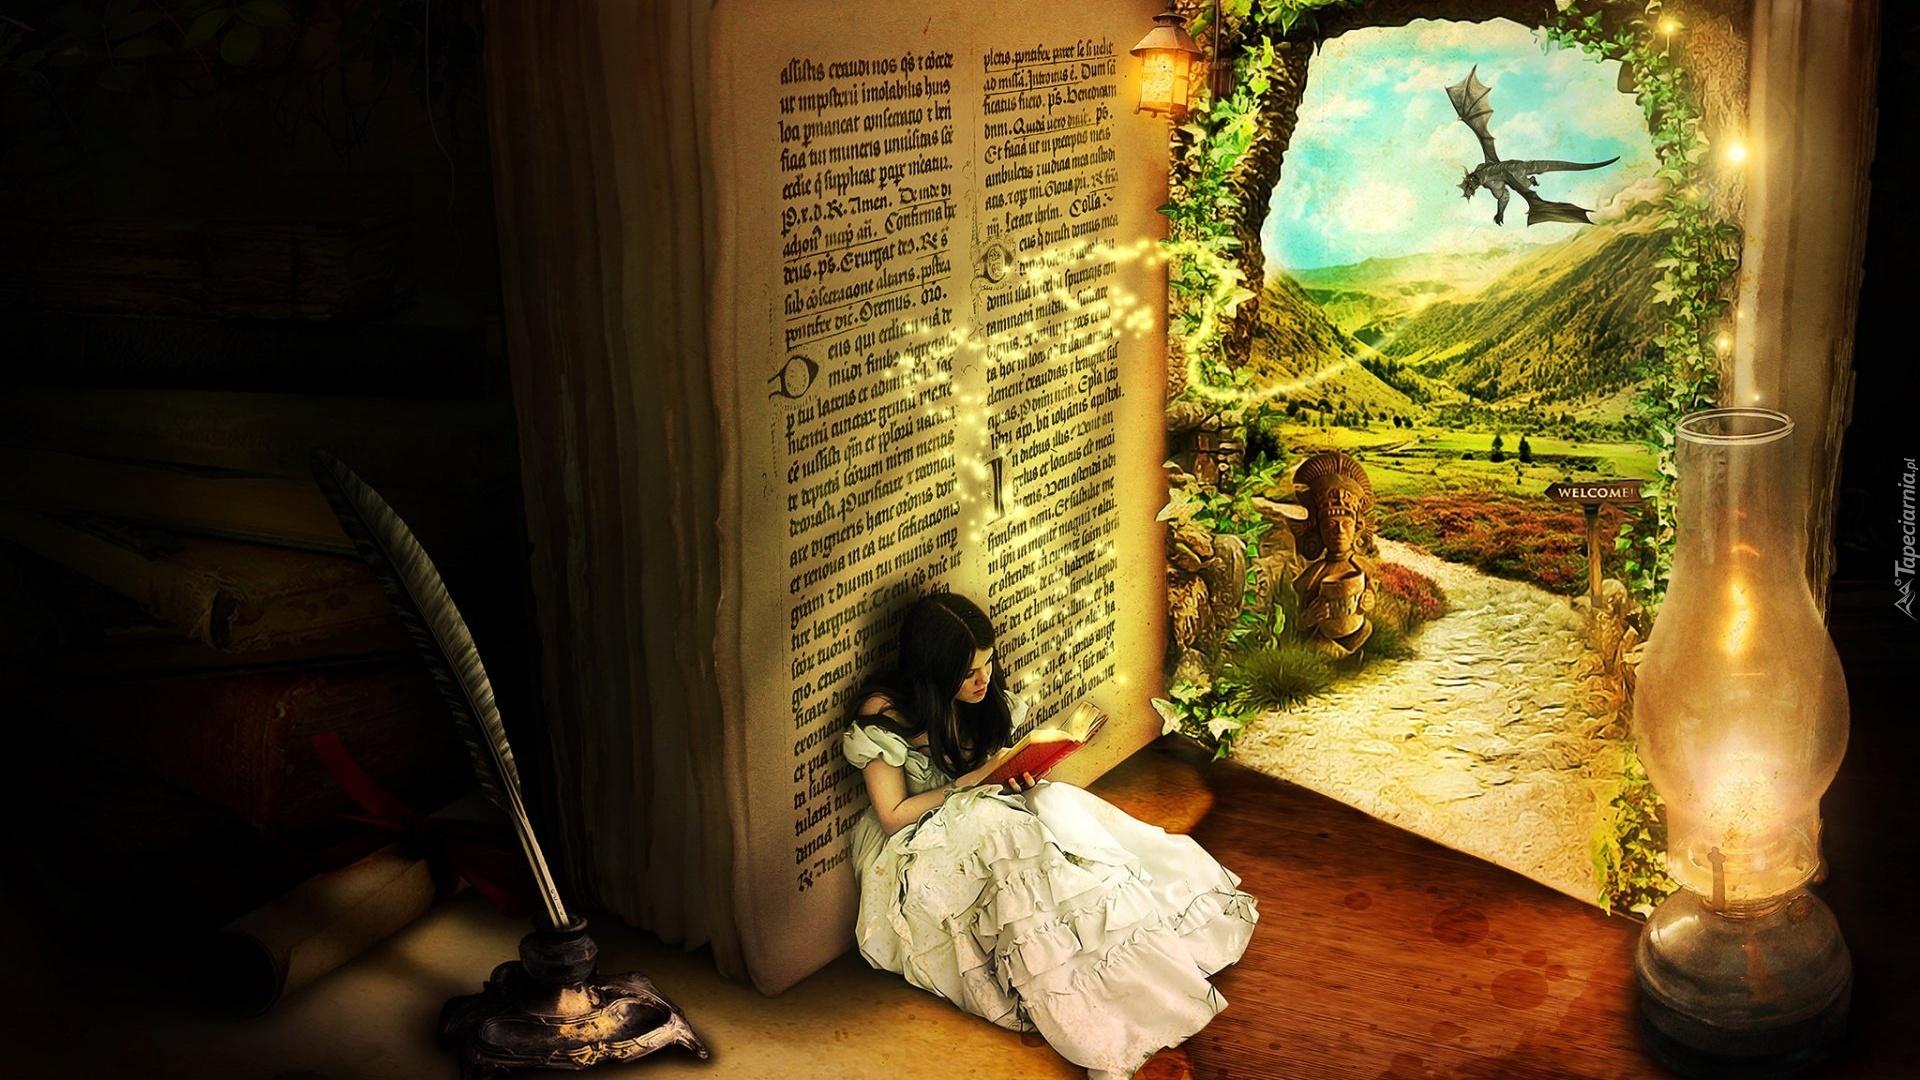 http://www.tapeciarnia.pl/tapeciarnia_pl.php?adres=188797_fantasy_dziewczyna_ksiazka_lampa_kalamarz.jpg